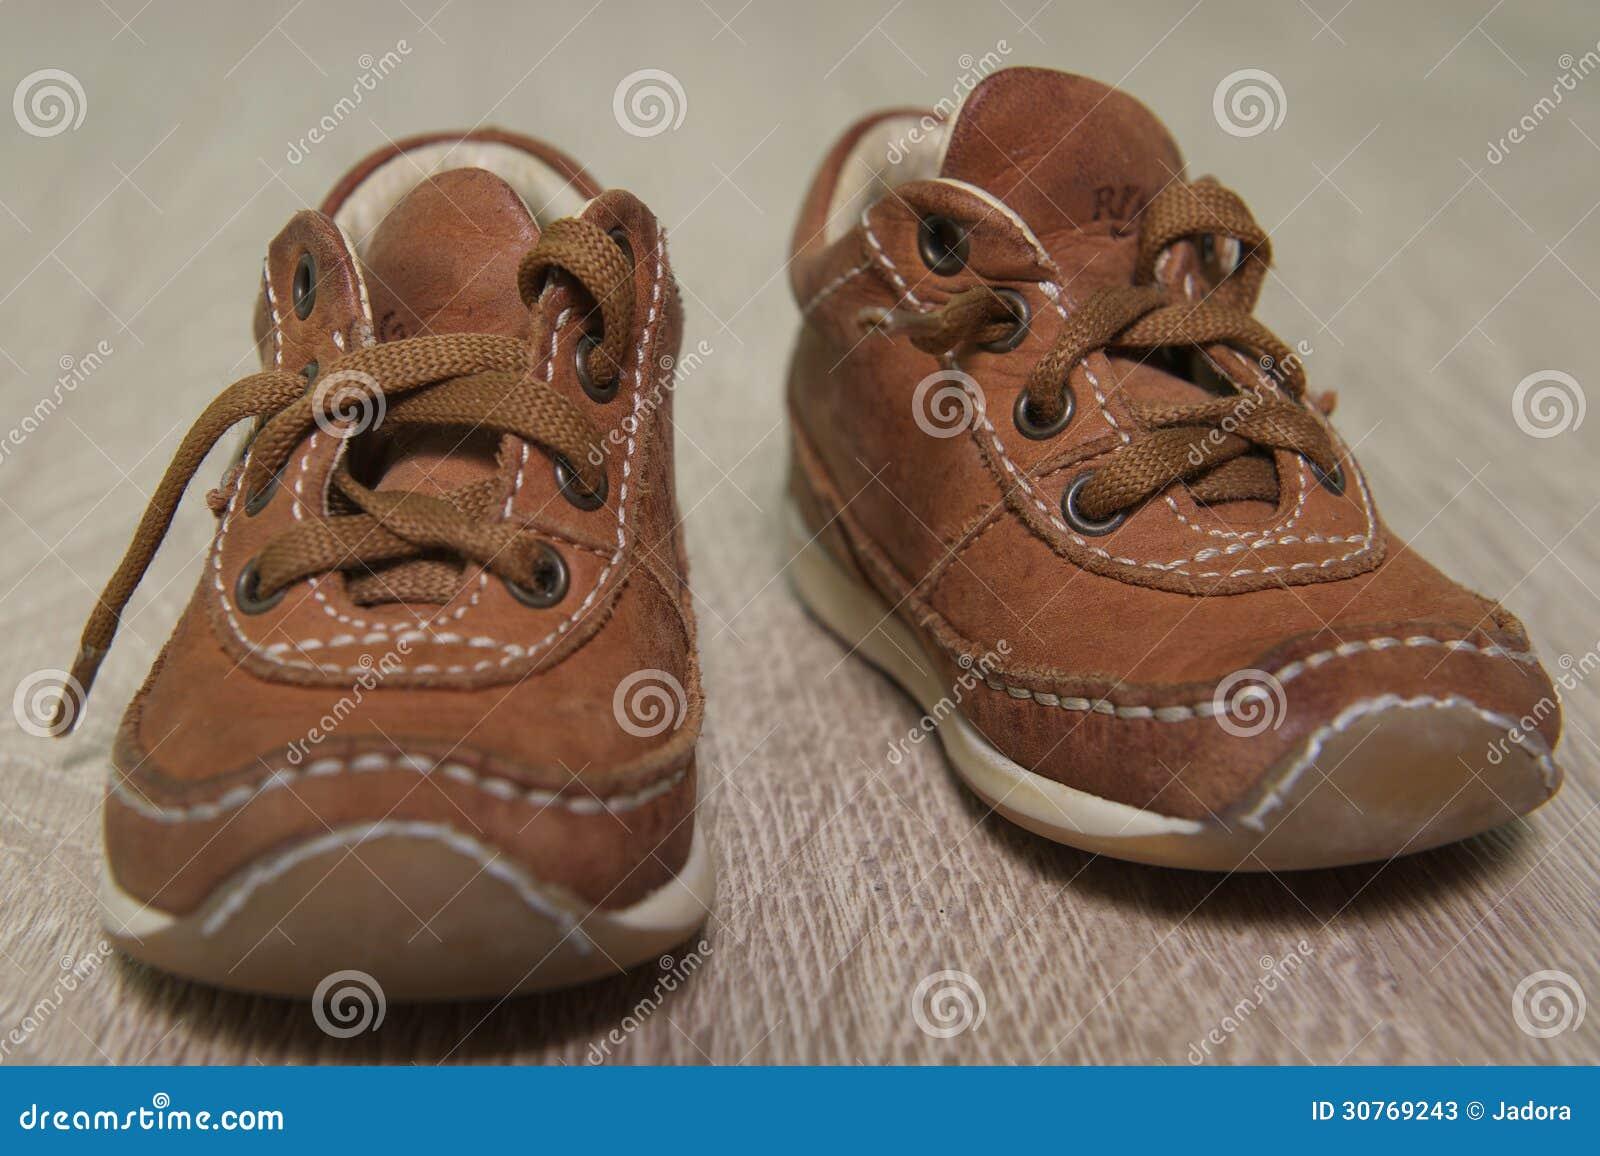 Die Braunen Schuhe Der Kinder Auf Dem Boden Stockbild Bild Von